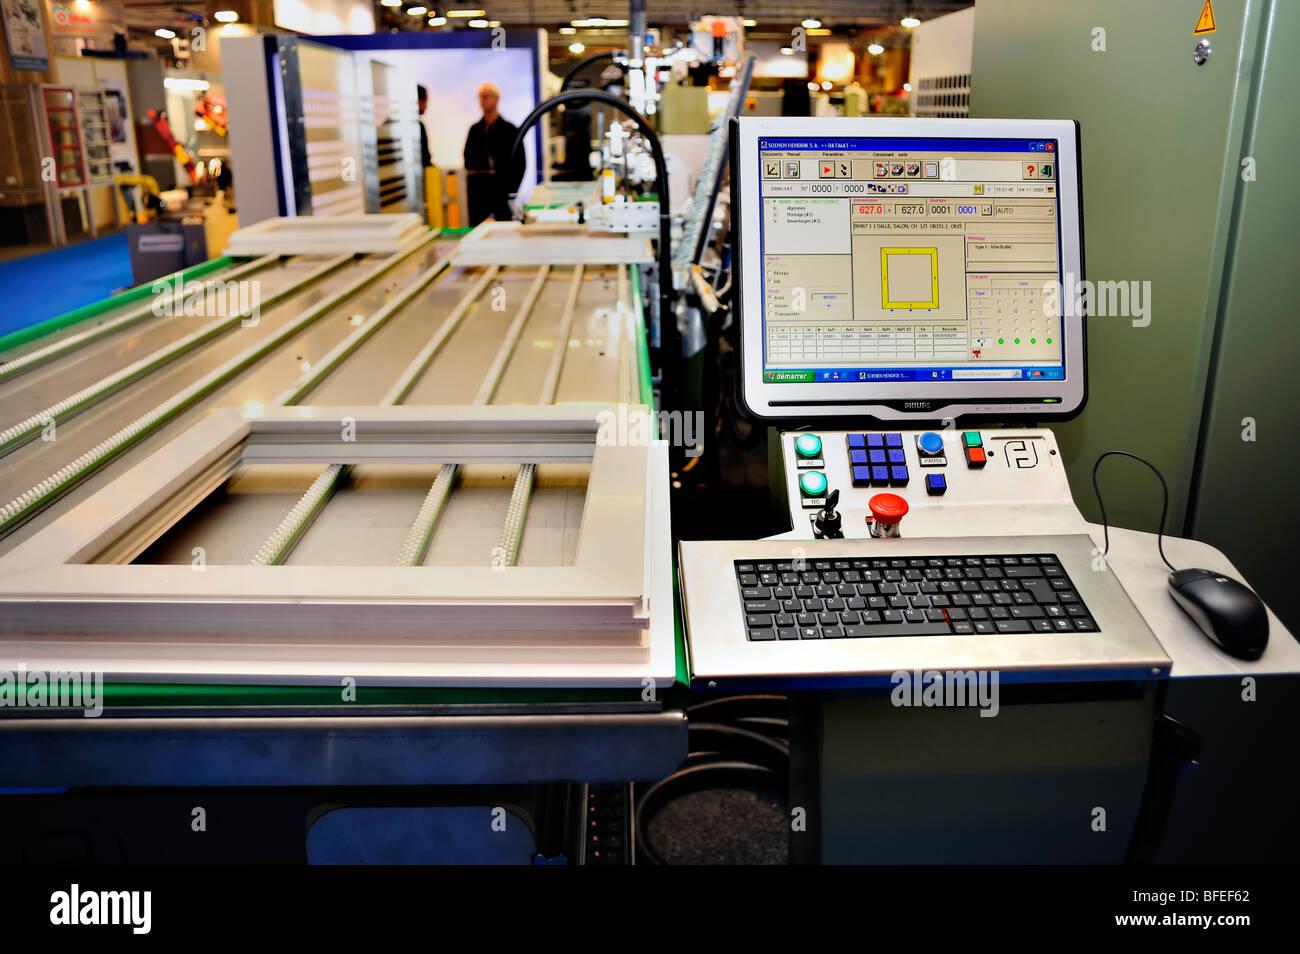 """Parigi, Francia, all'interno di windows manufacturing factory, apparecchiature per la costruzione degli scambi industriali mostrano, 'soenen hendrik s.a."""". Foto Stock"""